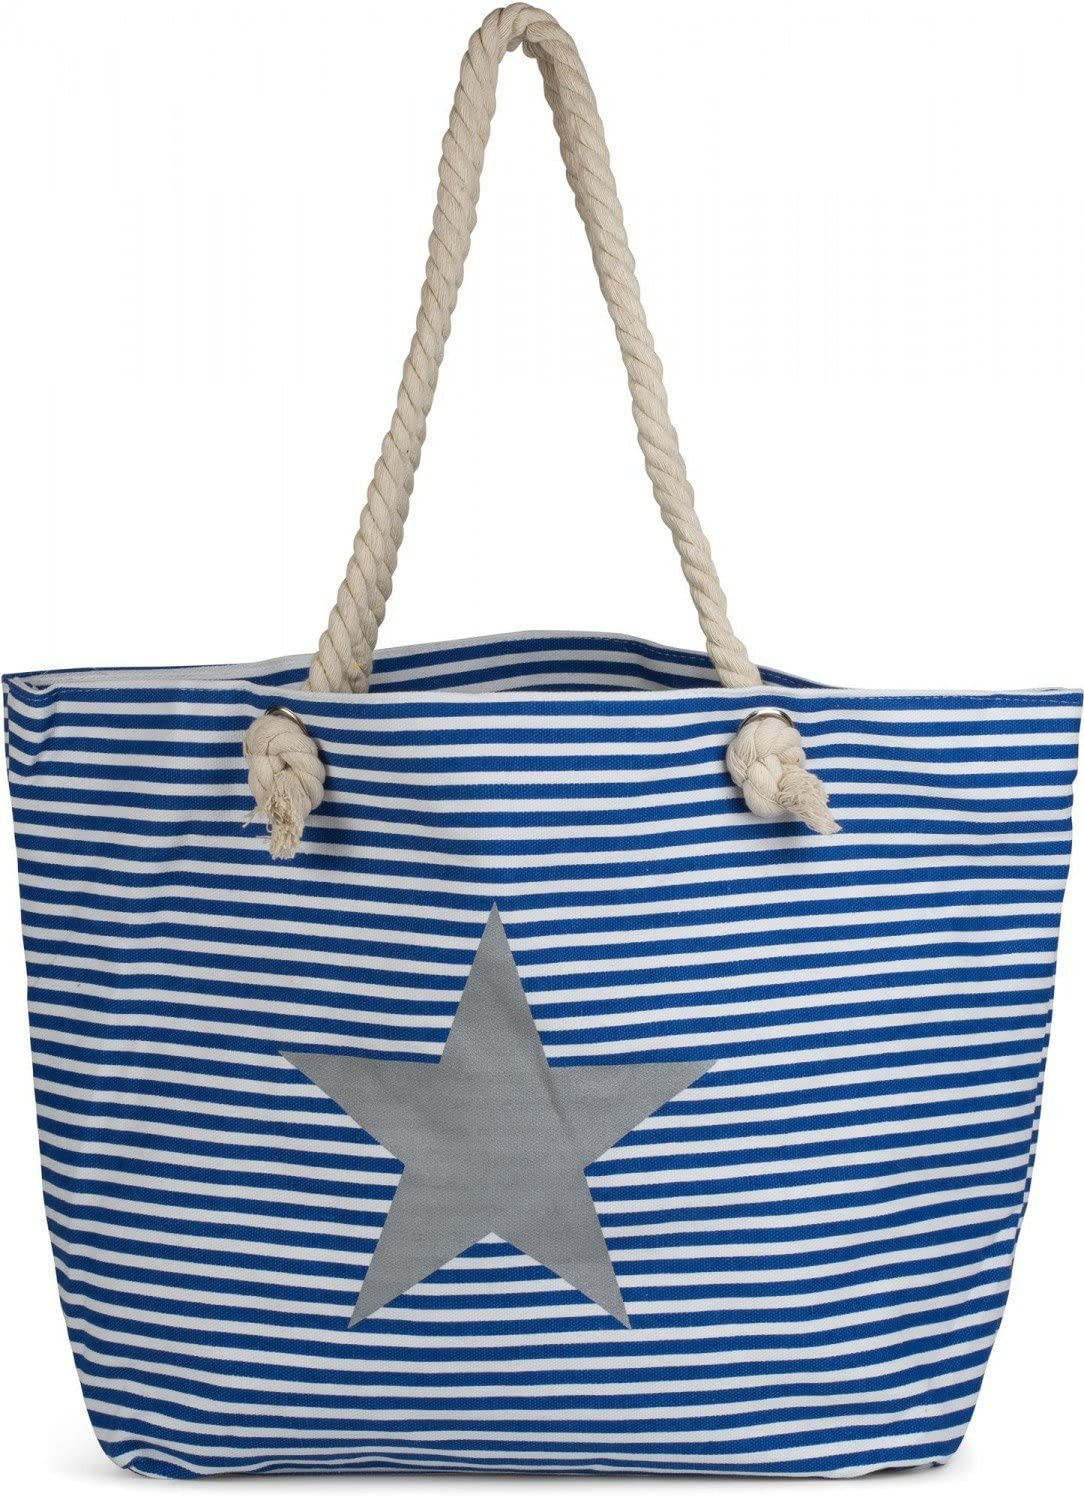 Color:Azul-Blanco//Plateado Bolso de ba/ño Bolso para Compras se/ñora 02012165 styleBREAKER Bolso para la Playa XXL en /óptica a Rayas con Estampado de Estrella y Cremallera